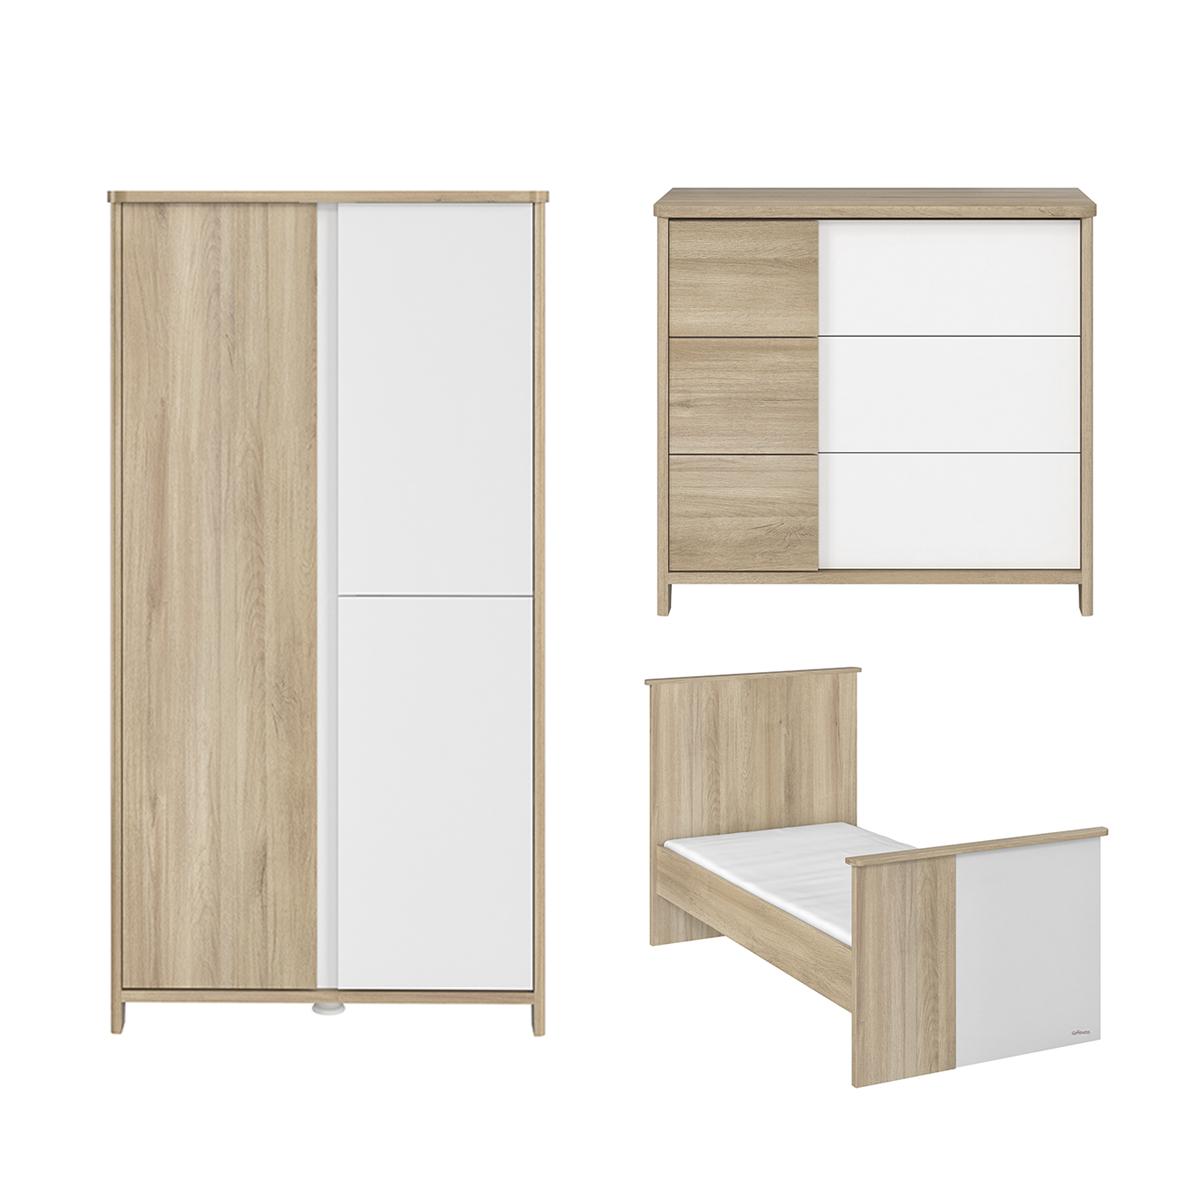 Chambre complète lit évolutif 70x140 - commode 3 tiroirs et armoire 3 portes Galipette Sacha - Chêne et blanc